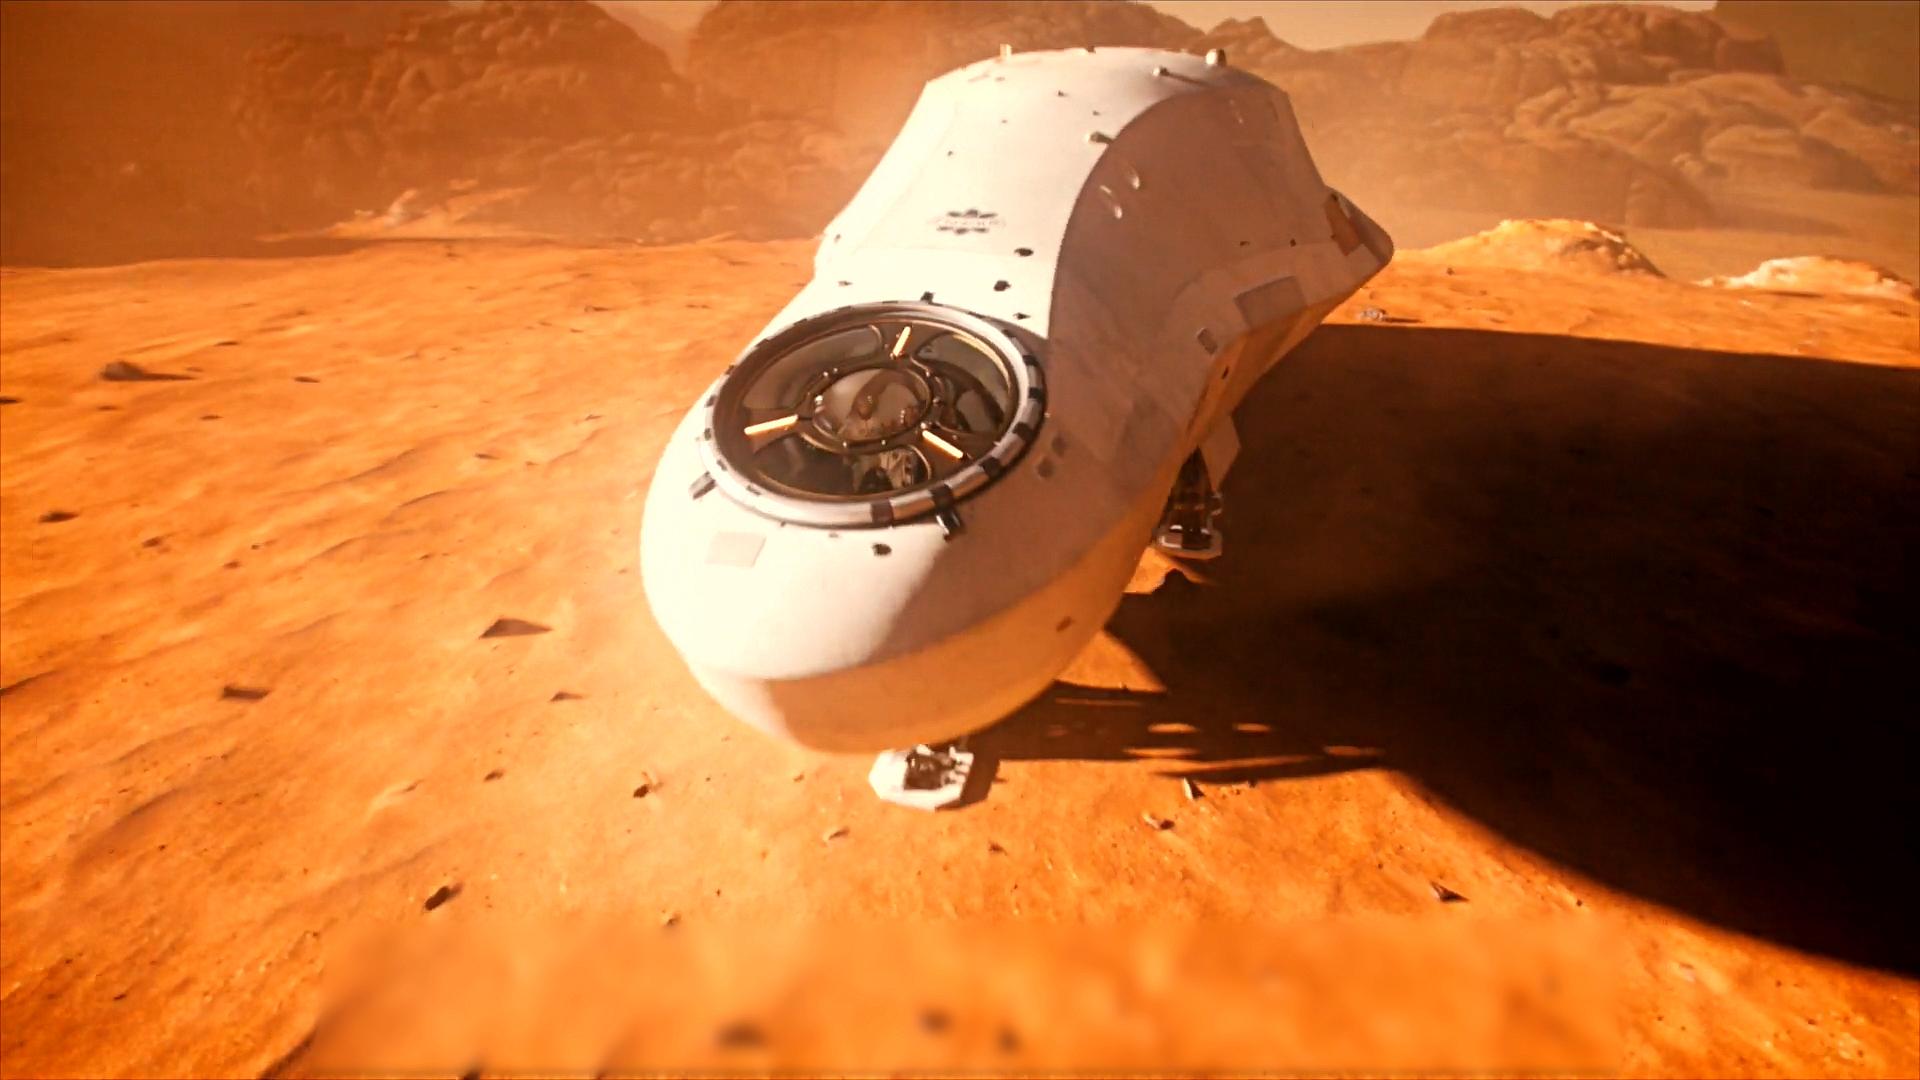 科幻片:人类灭绝后,只剩5名宇航员活在火星,却不知被人控制着